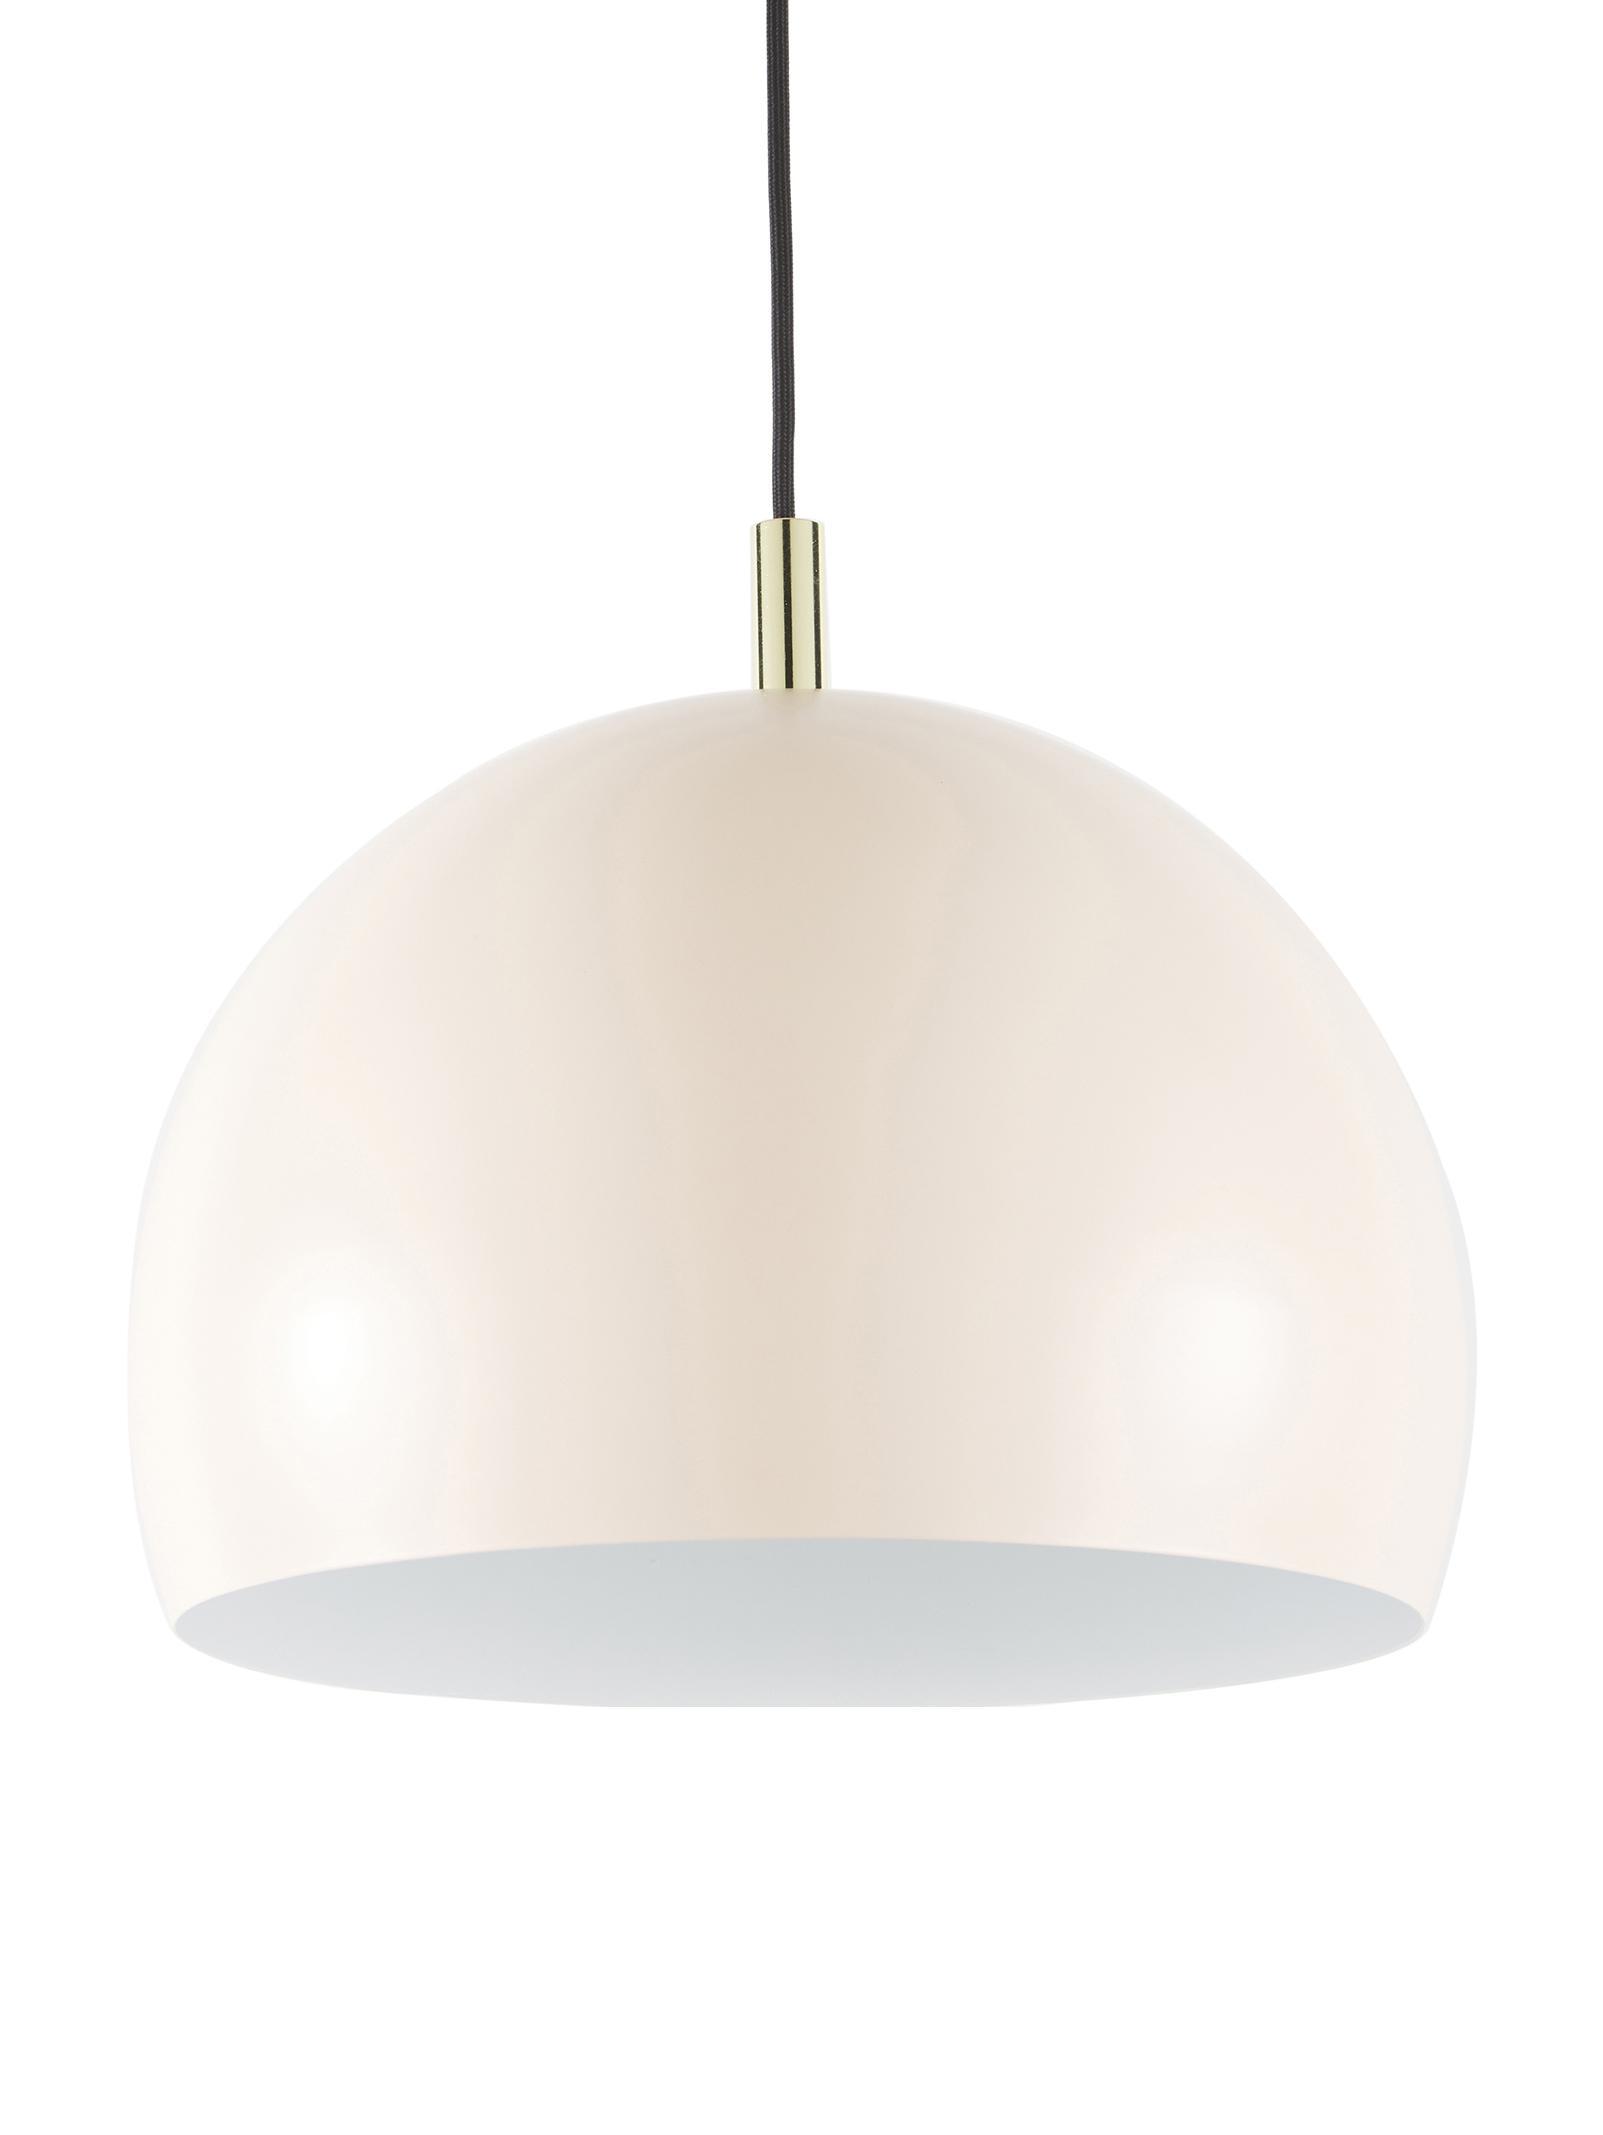 Lámpara de techo de metal Wilma, Pantalla: metal con pintura en polv, Anclaje: metal con pintura en polv, Cable: cubierto en tela, Rosa, Ø 33 x Al 25 cm